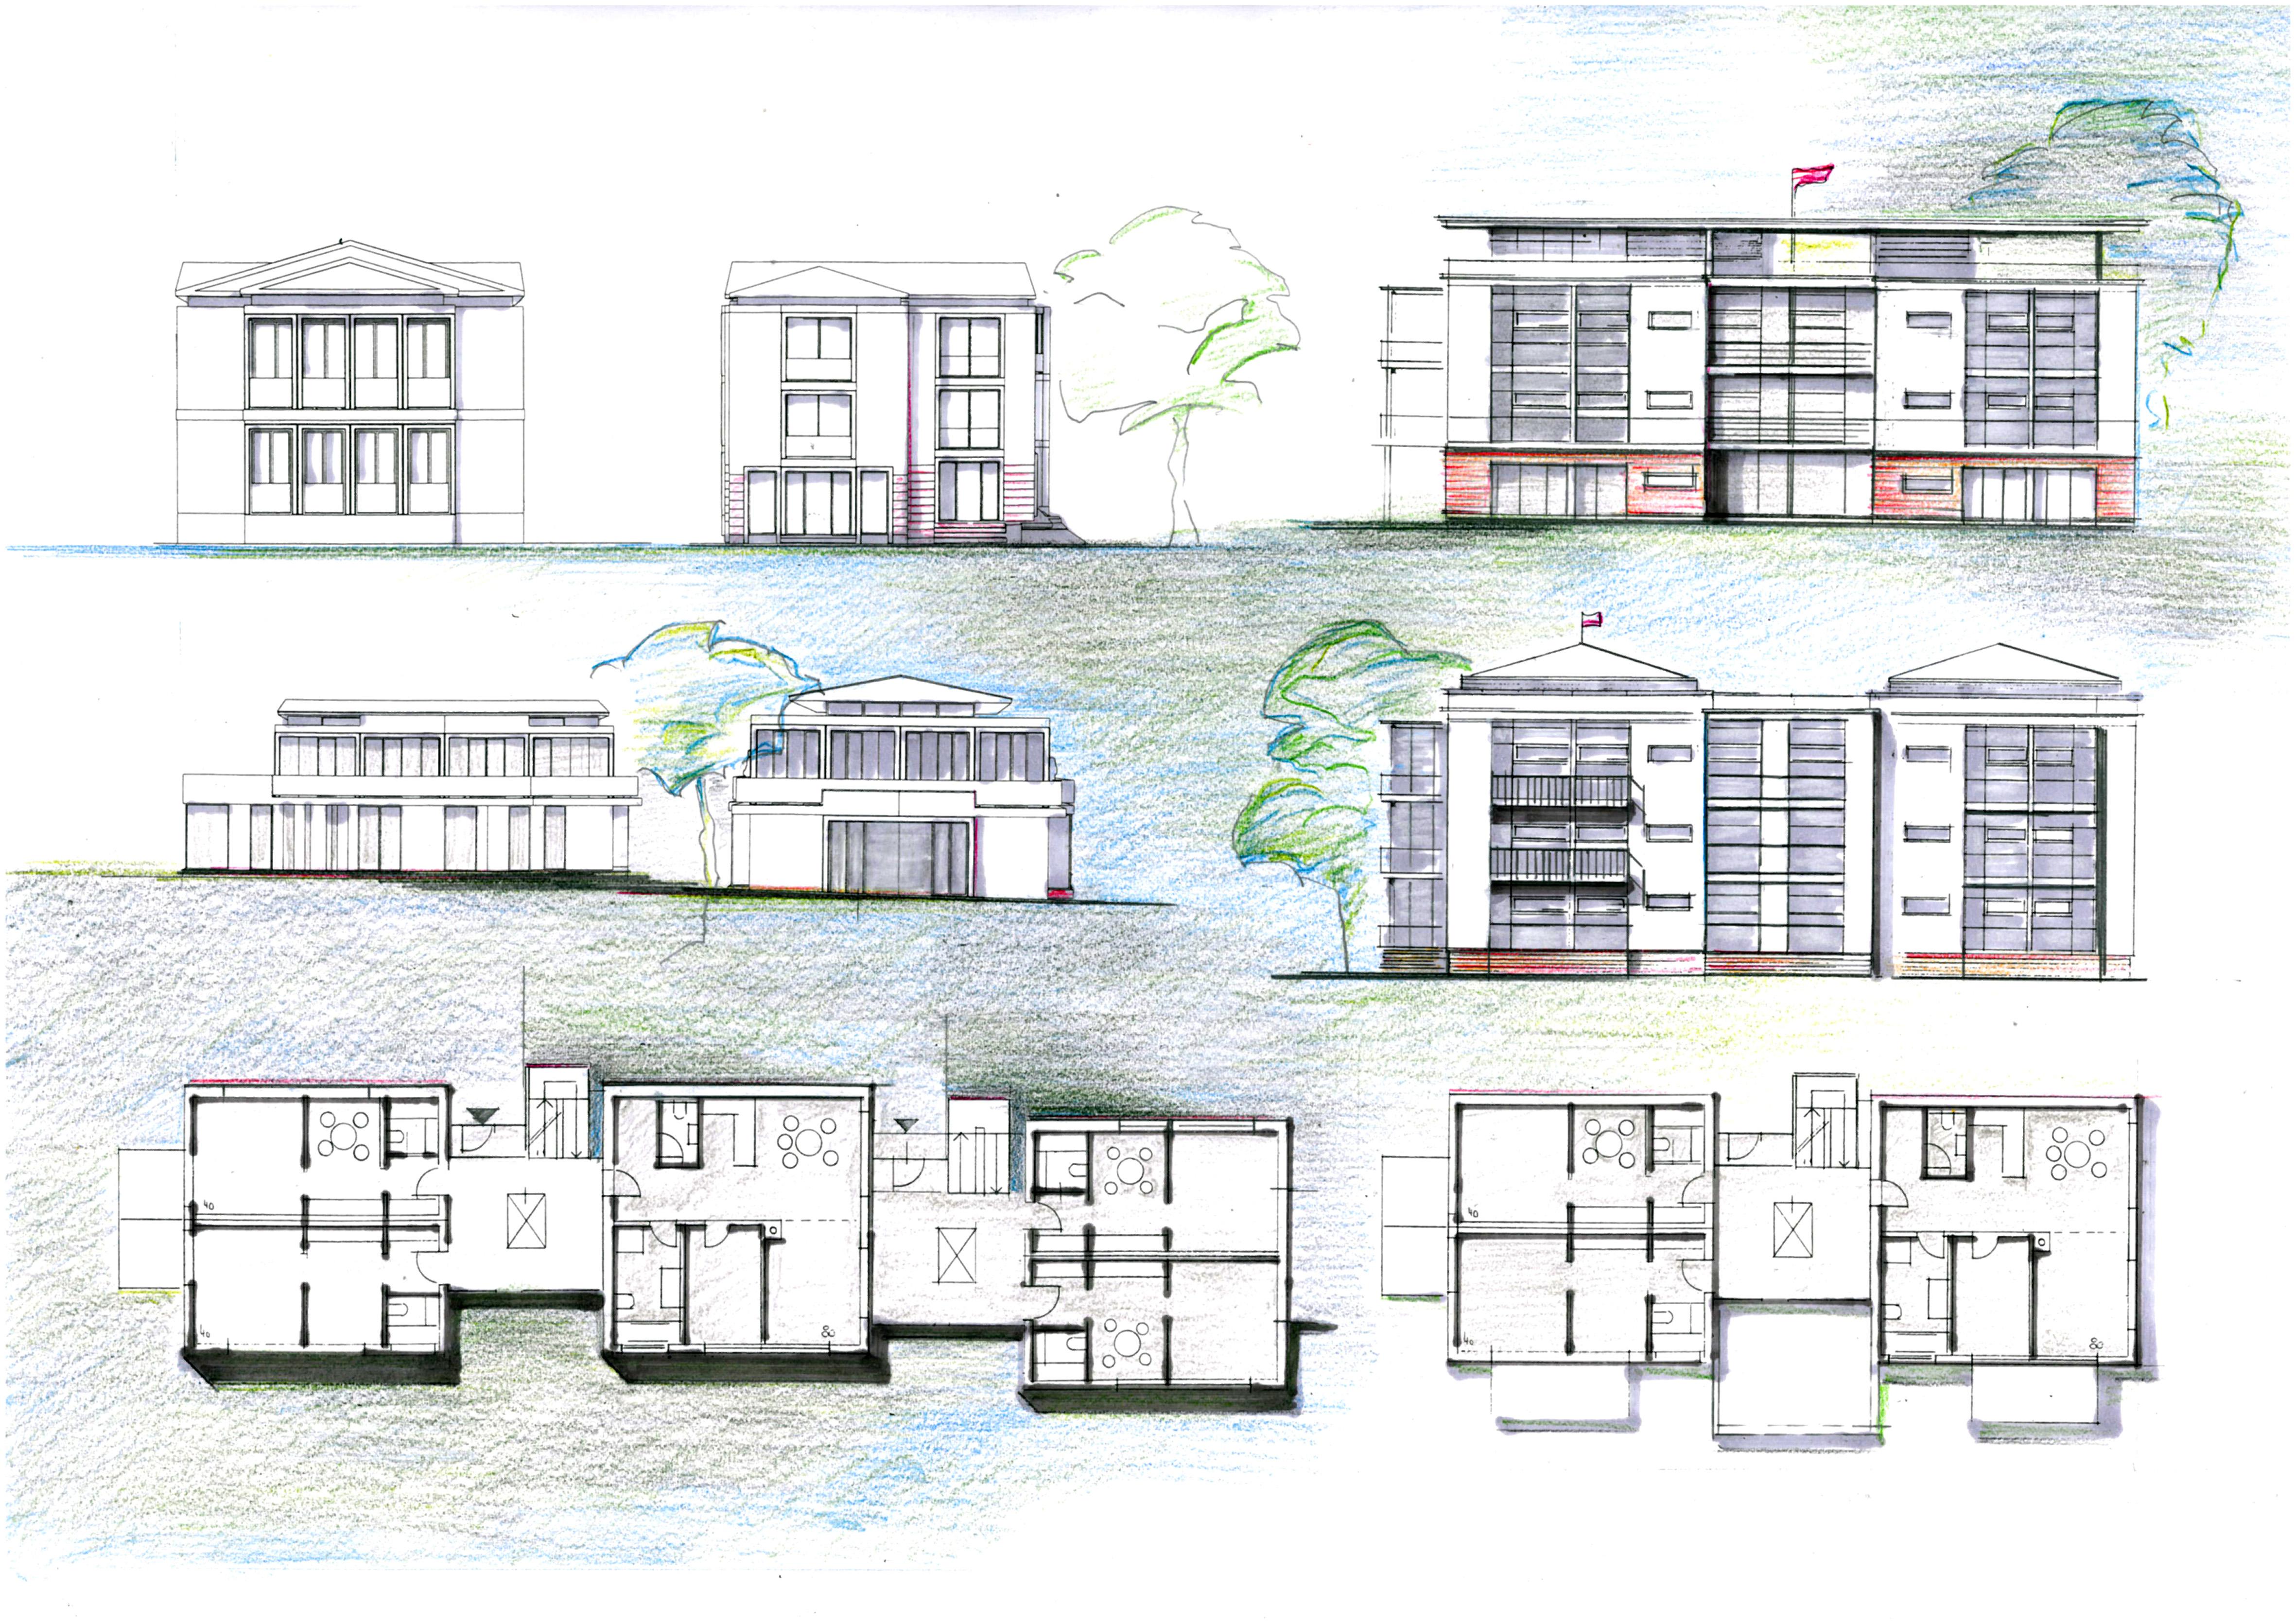 Architektur Haus Skizze Architekt Zeichnen Jntuworld Moderne